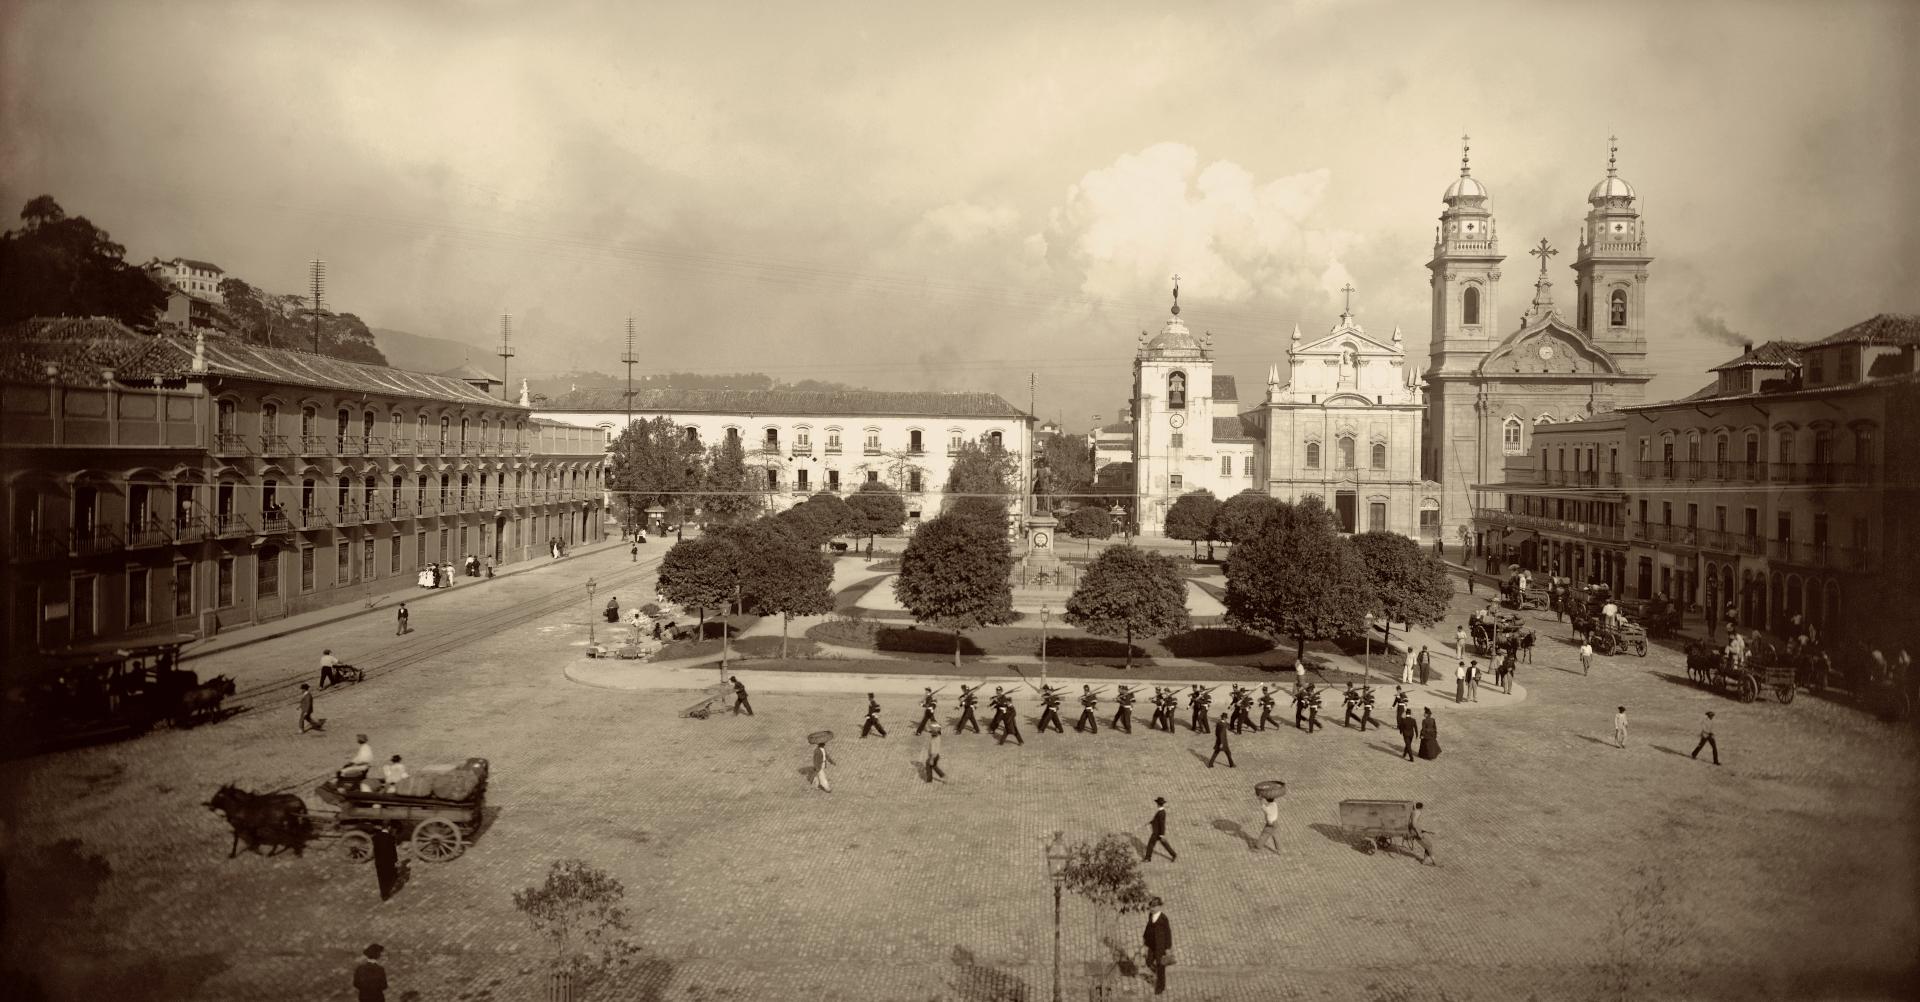 Marc Ferrez, Praça XV de Novembro, circa 1903. Coleção Gilberto Ferrez, Instituto Moreira Salles.